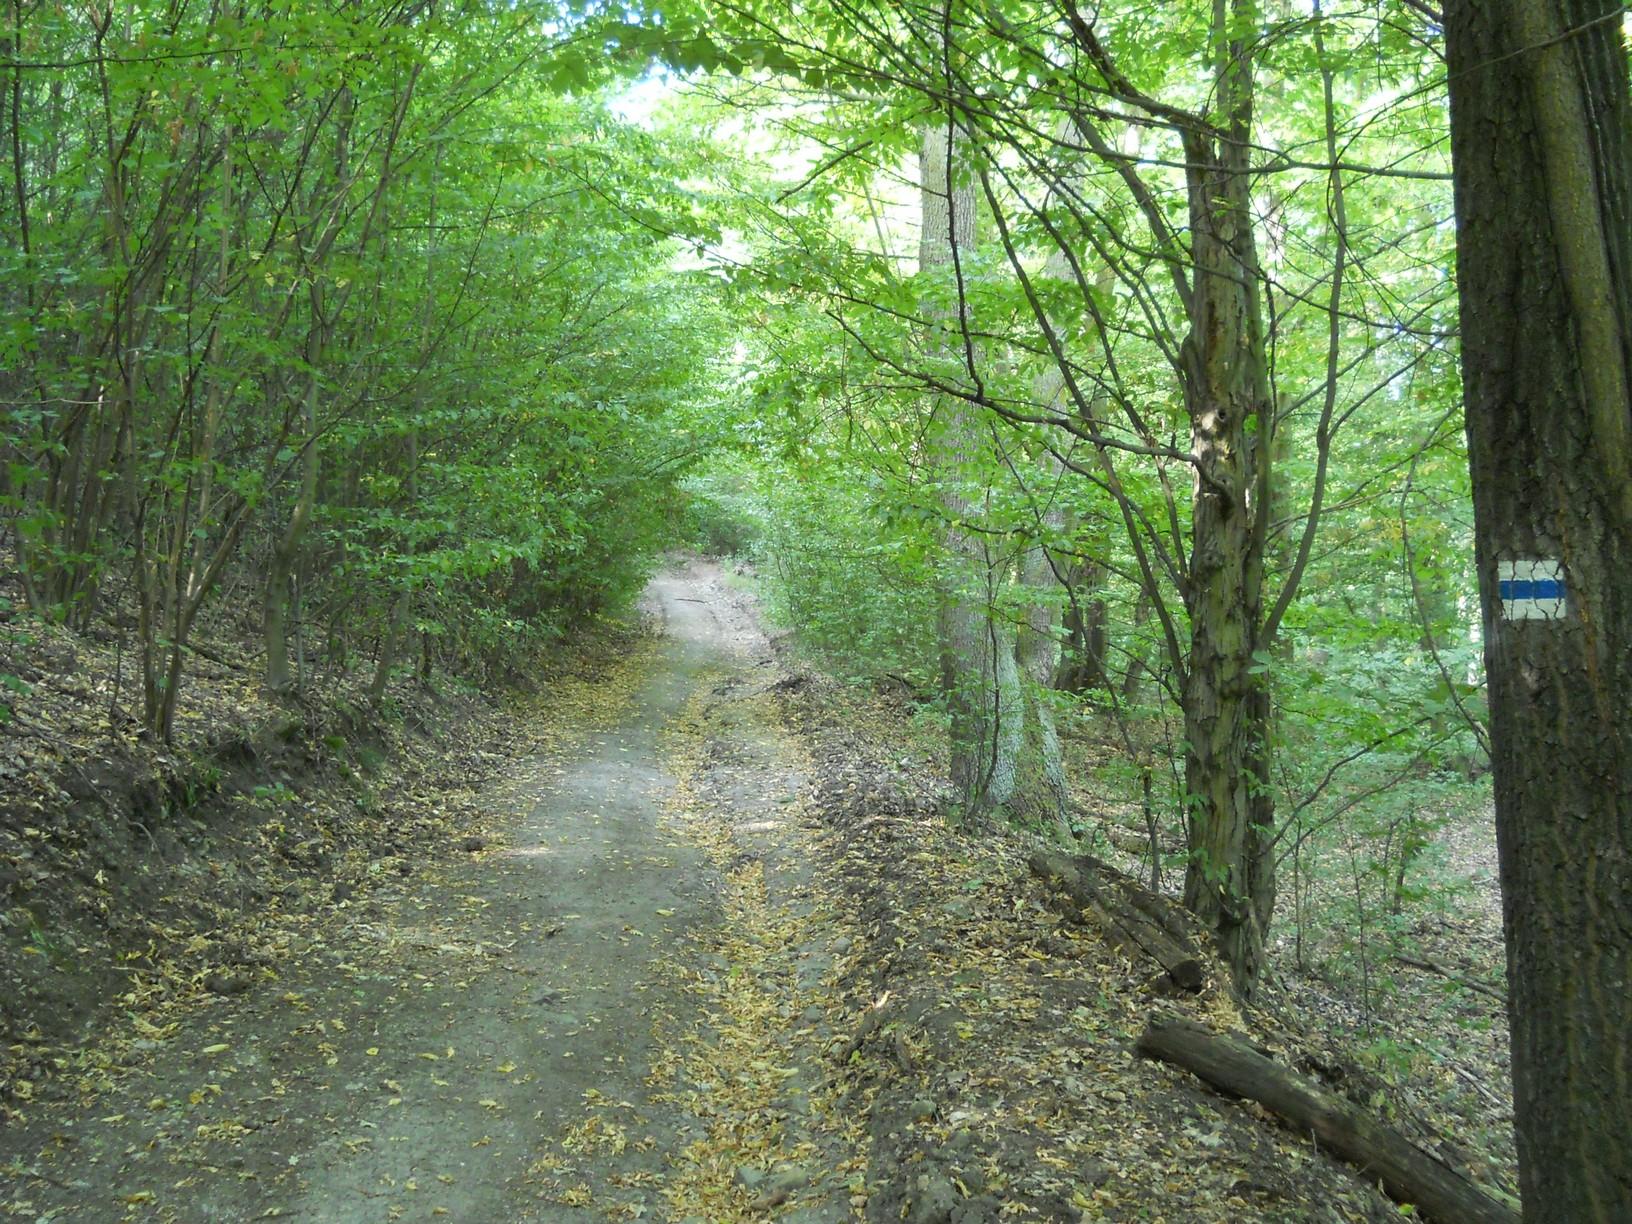 Egyre emelkedő földút a Nagy-Kő-hegyre